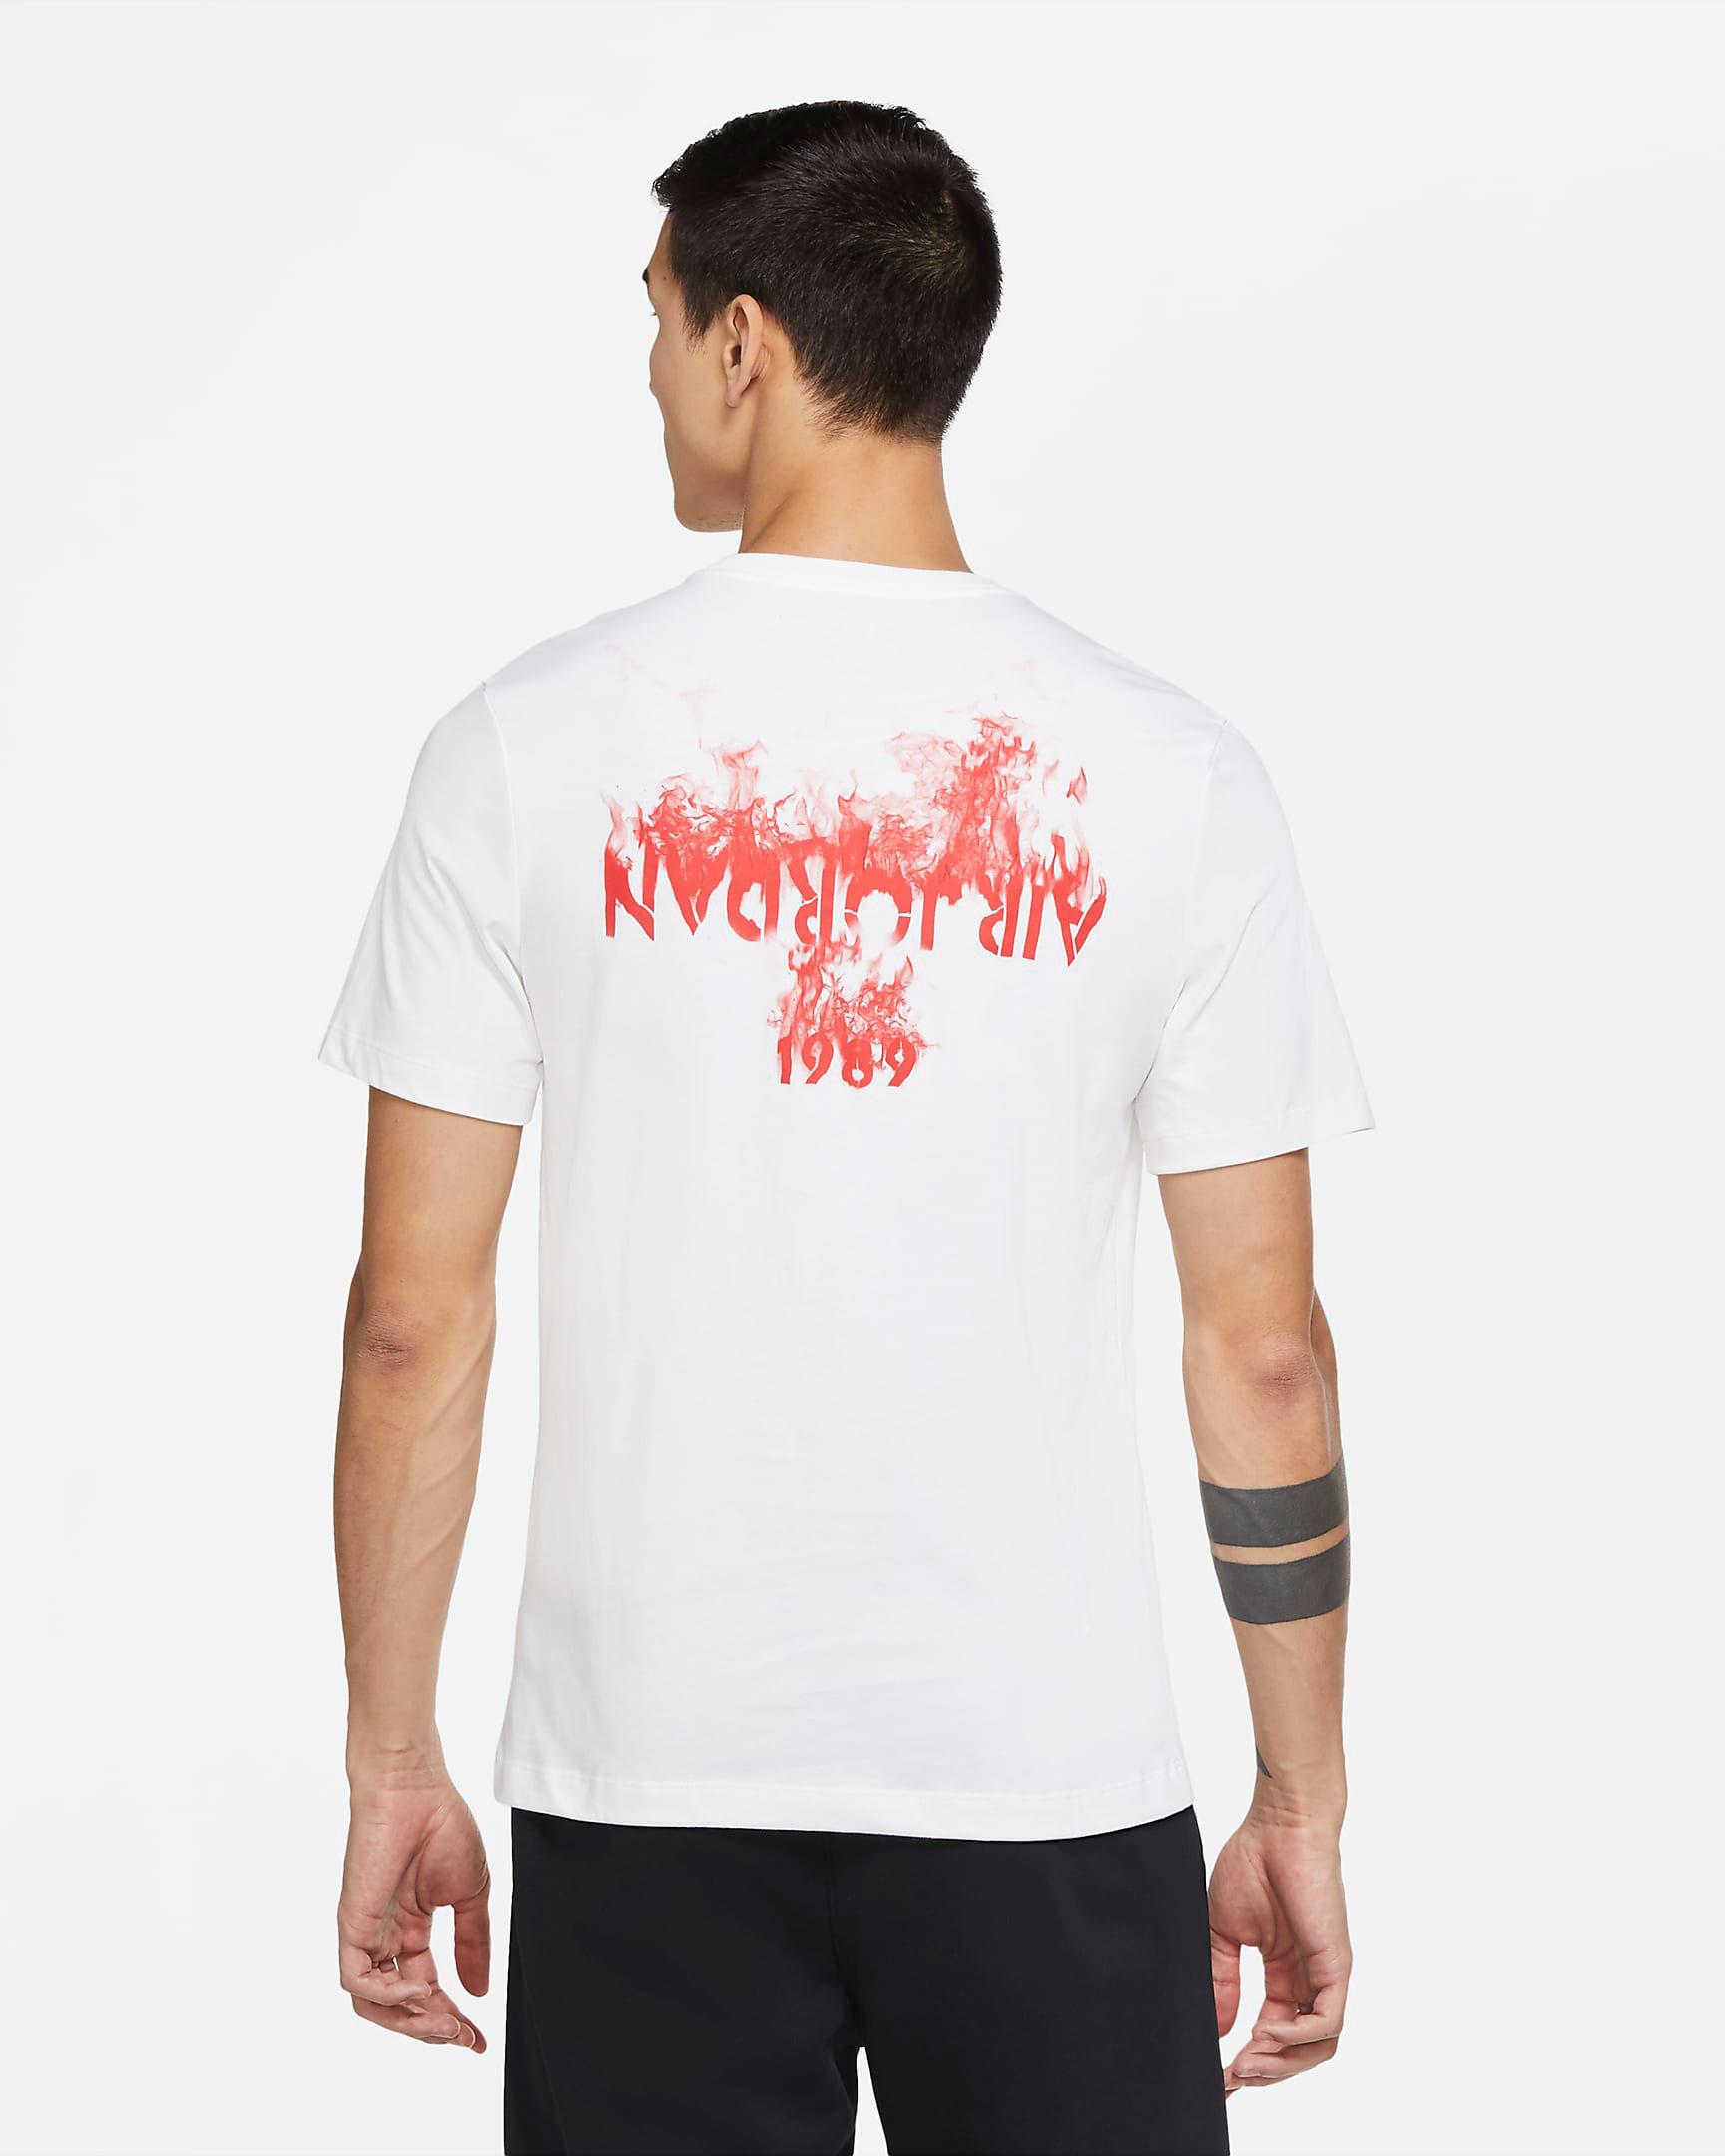 air-jordan-4-fire-red-2020-shirt-2